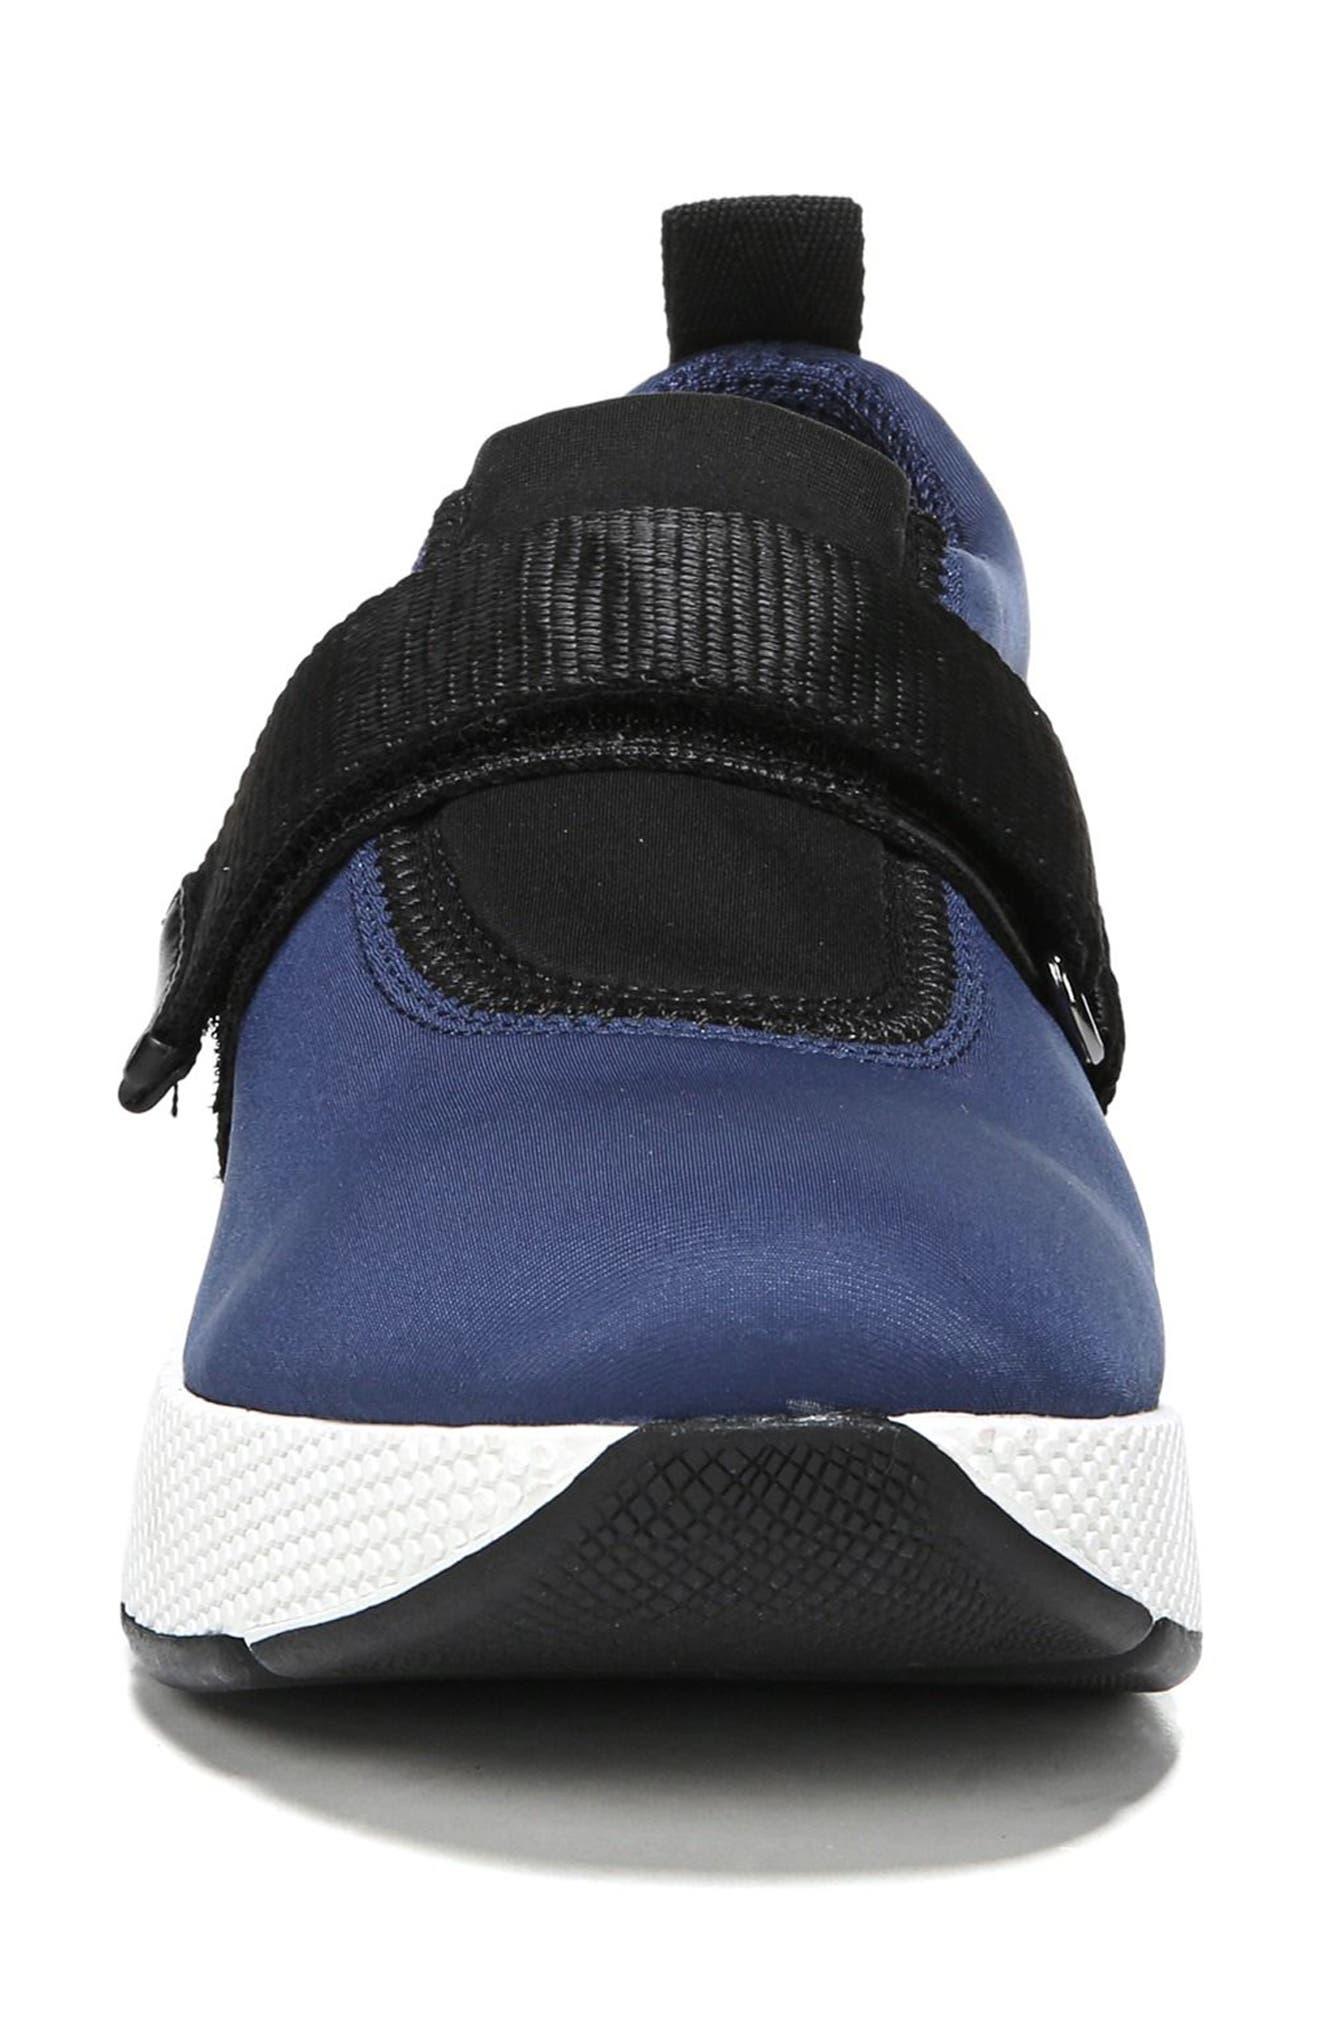 Odella Slip-On Sneaker,                             Alternate thumbnail 4, color,                             Navy Fabric